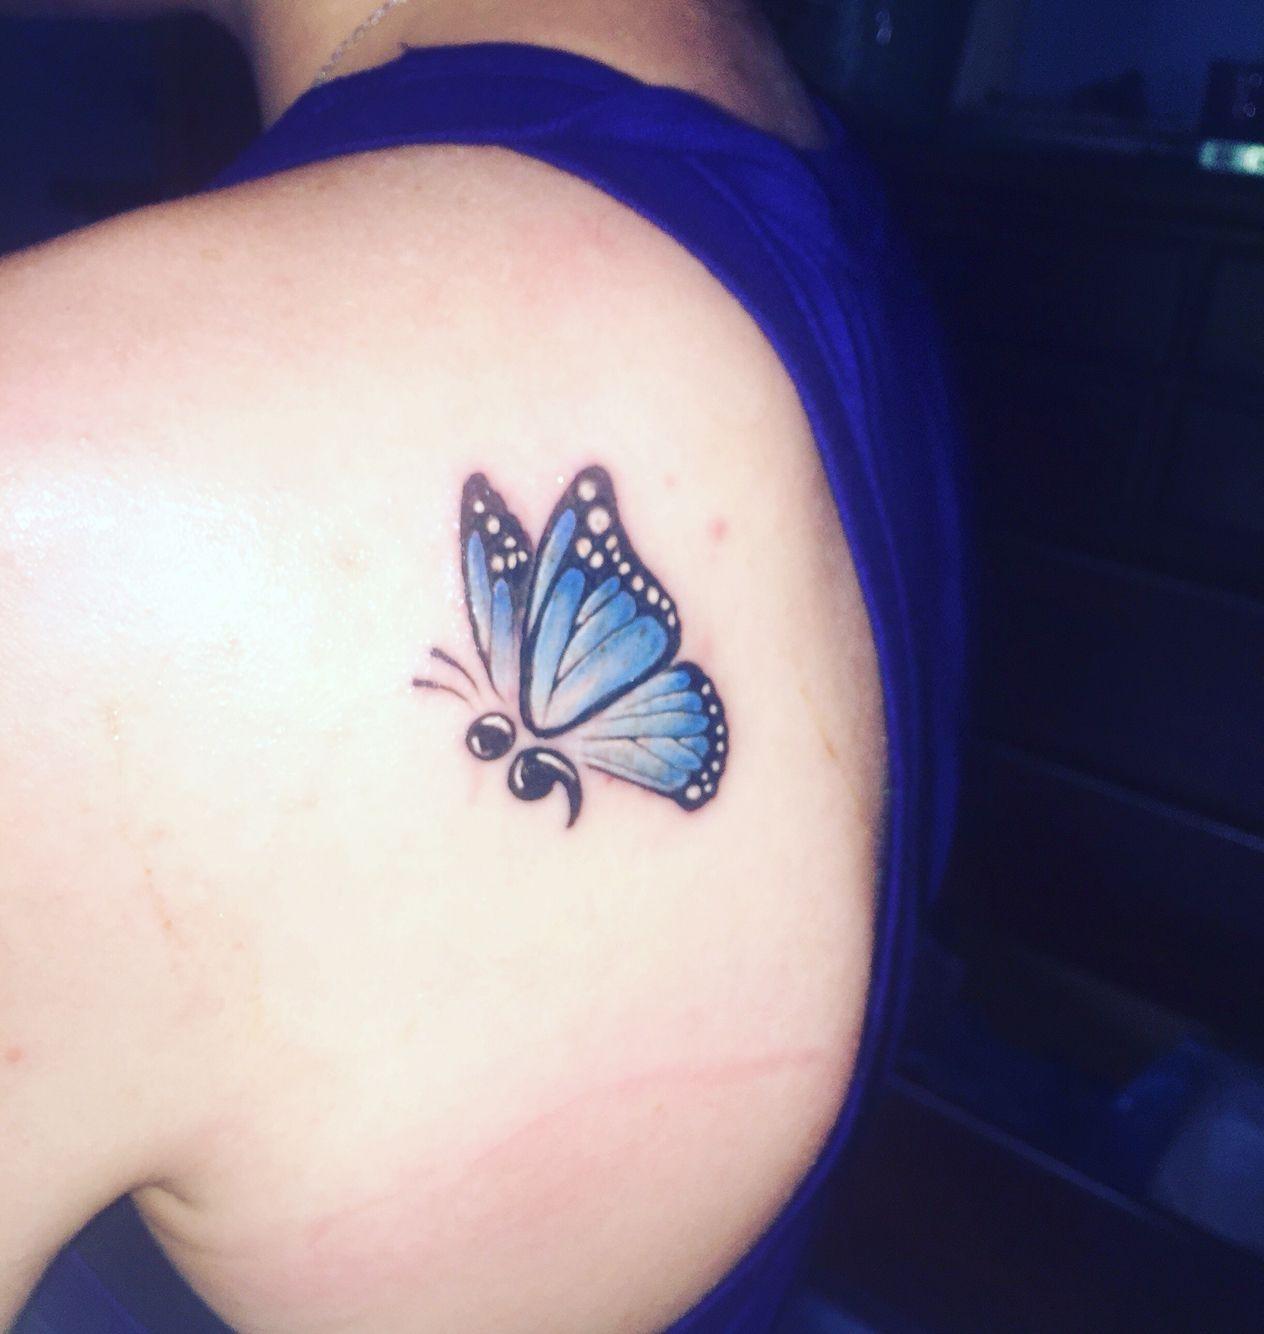 Semicolon butterfly tattoo | Semicolon butterfly tattoo, Butterfly ...